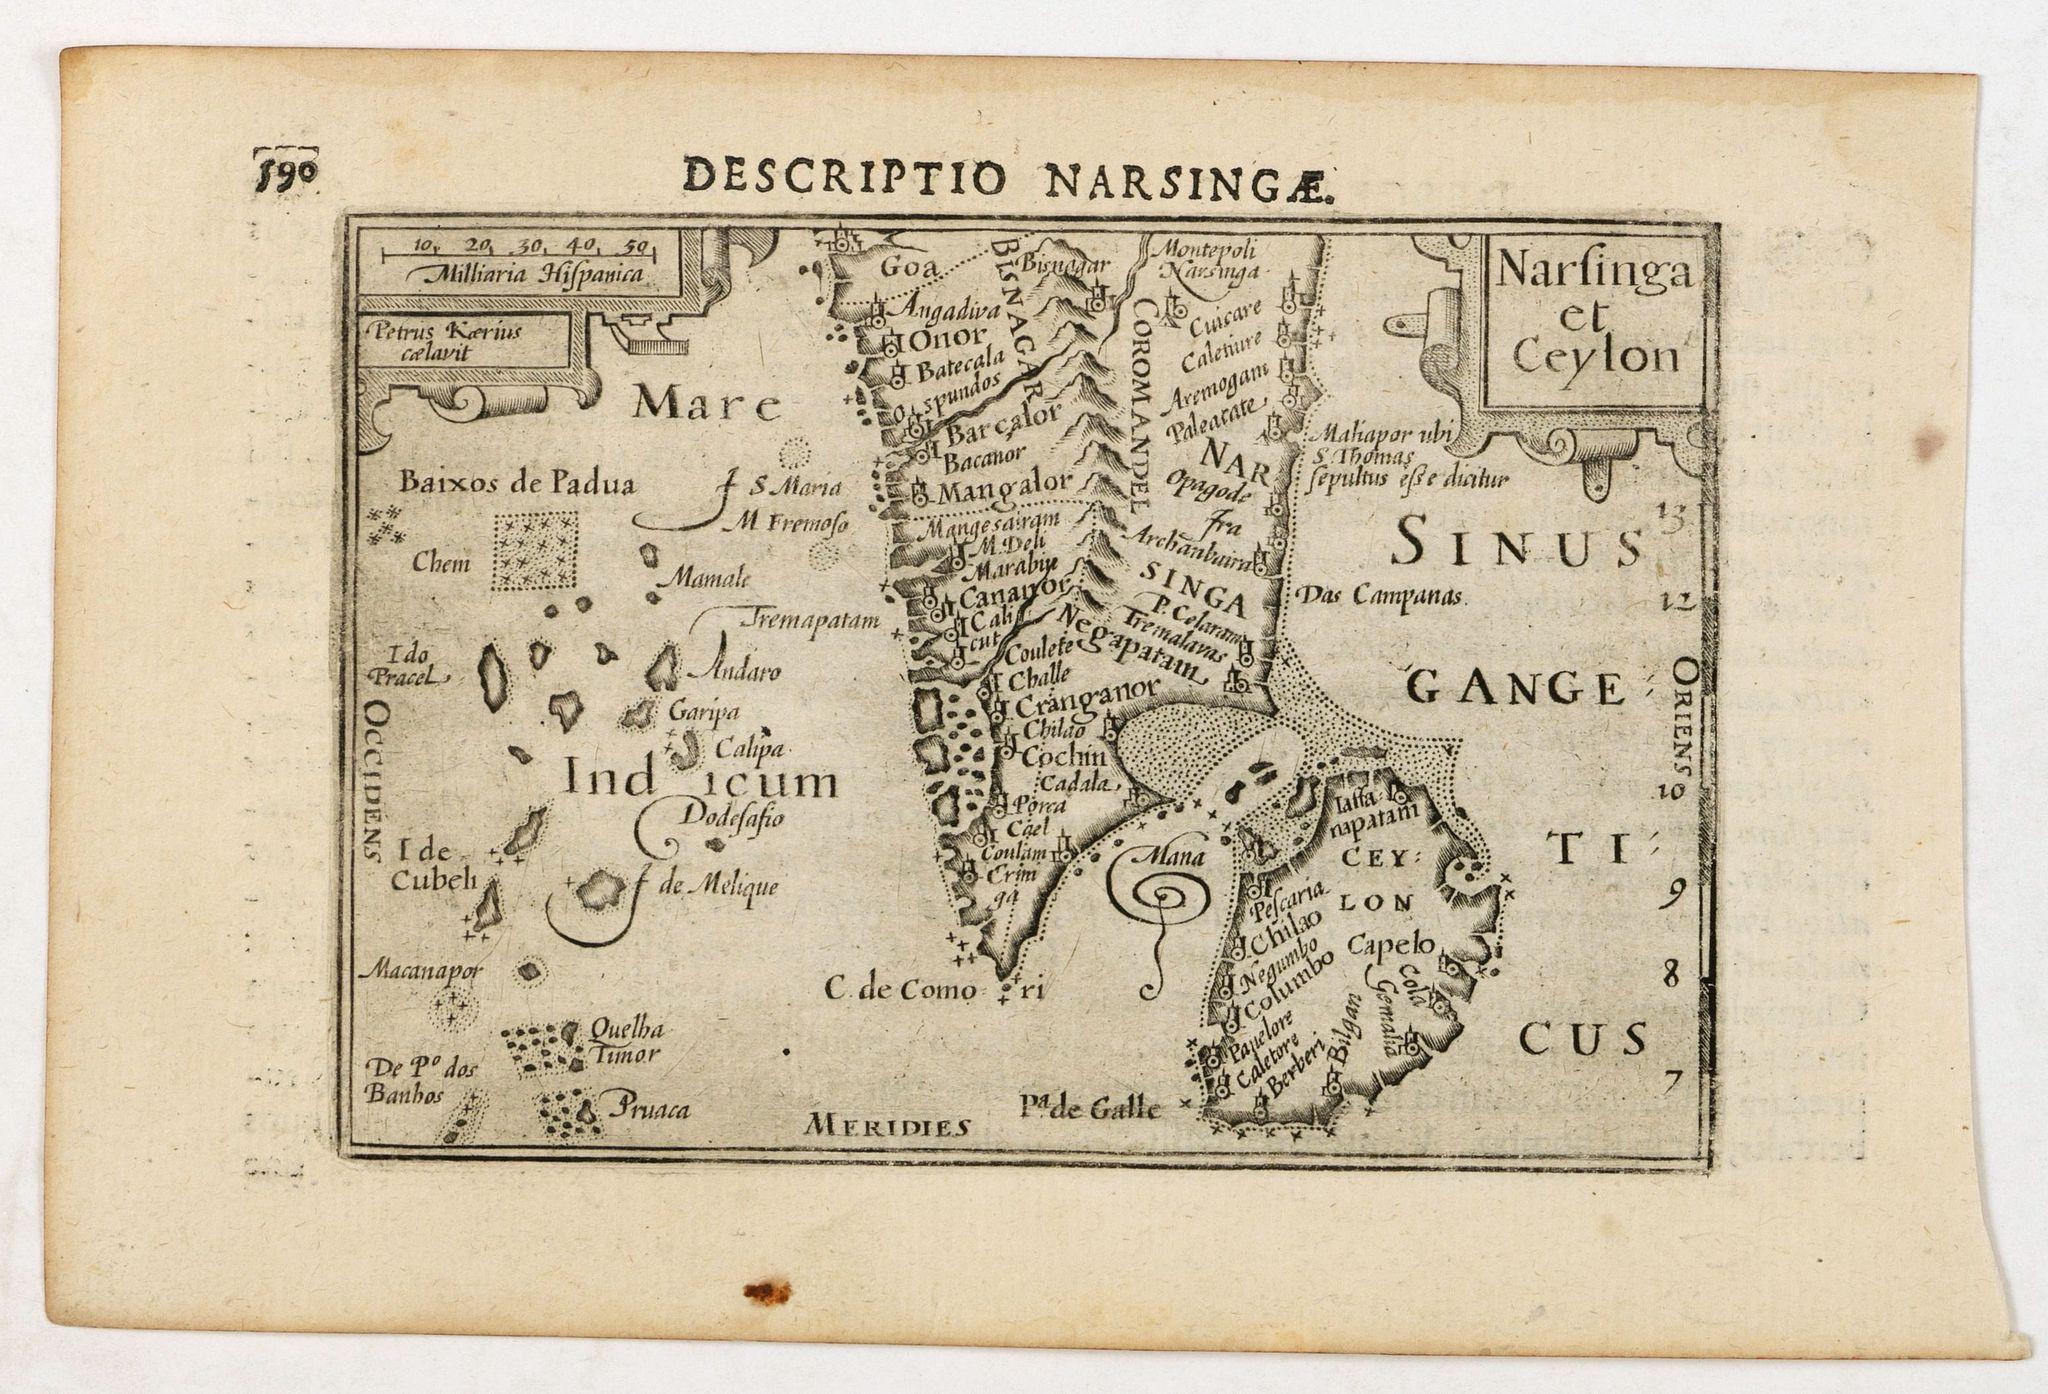 LANGENES, B. / BERTIUS, P. -  Descriptio Narsingae / Narsinga et Ceylon.